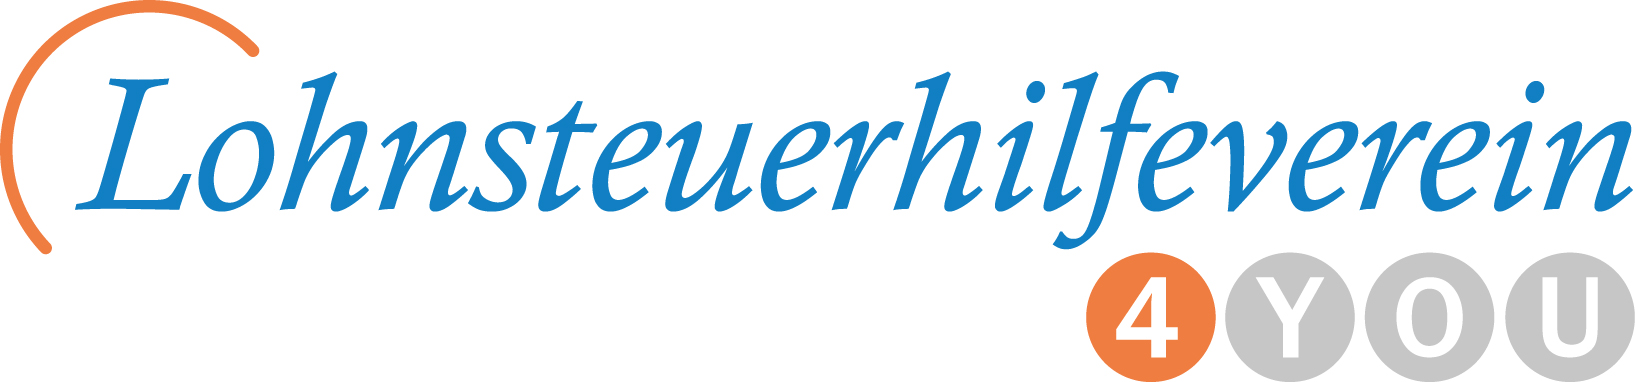 Lohnsteuerhilfeverein 4YOU e.V.